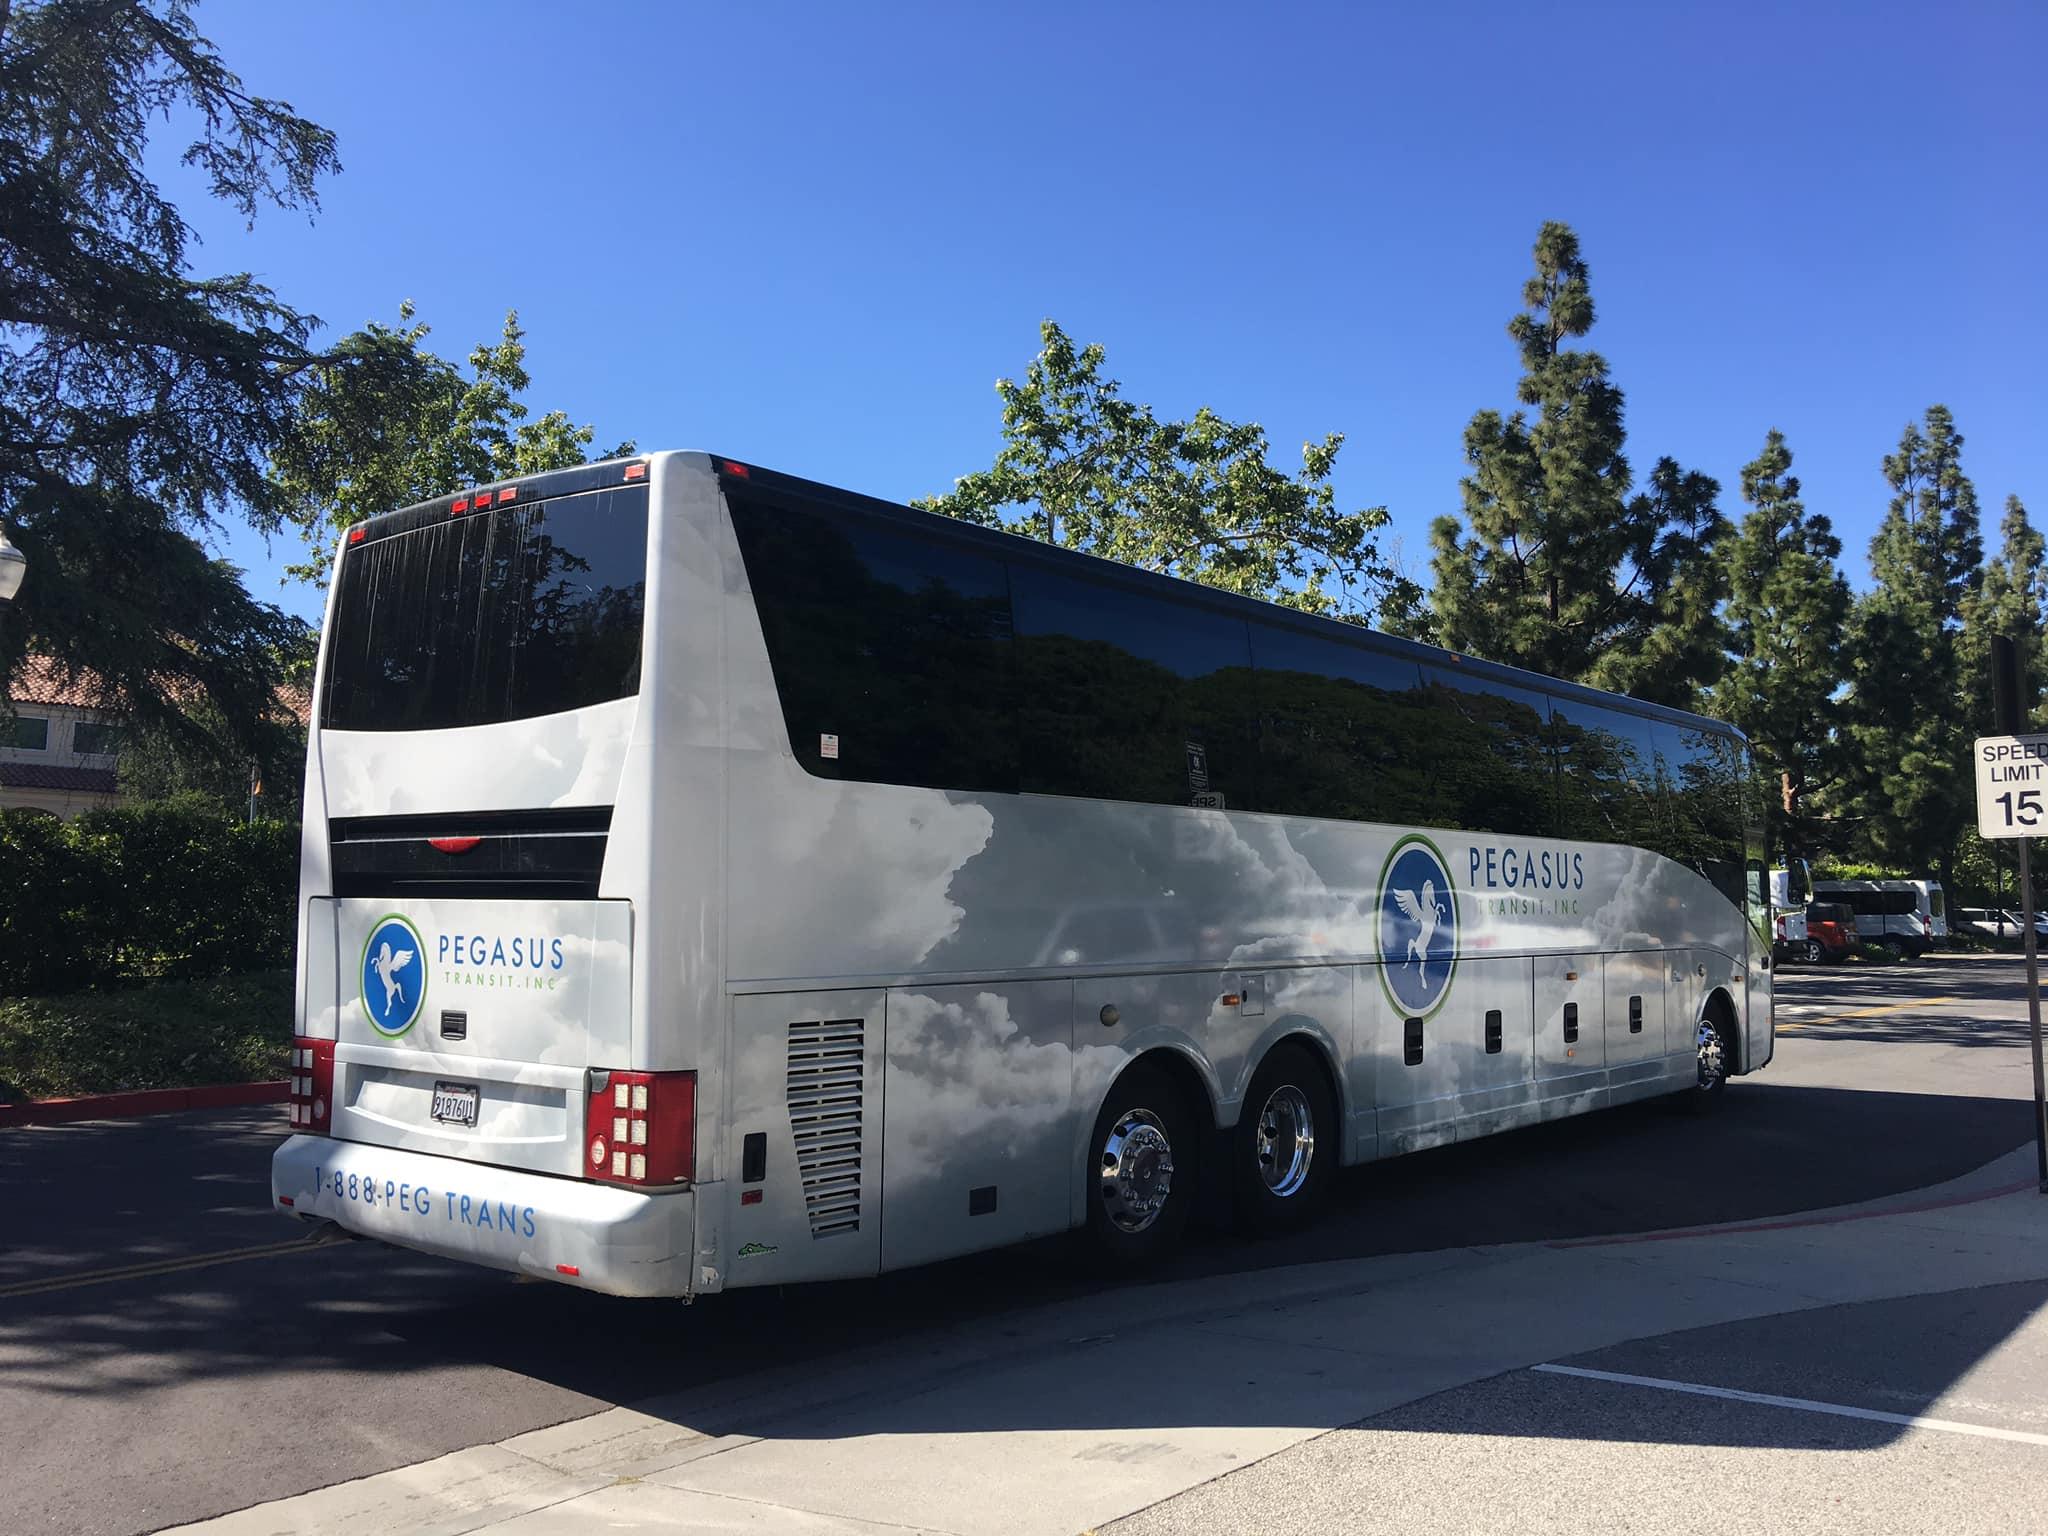 UCLA_Campus_Visit_4